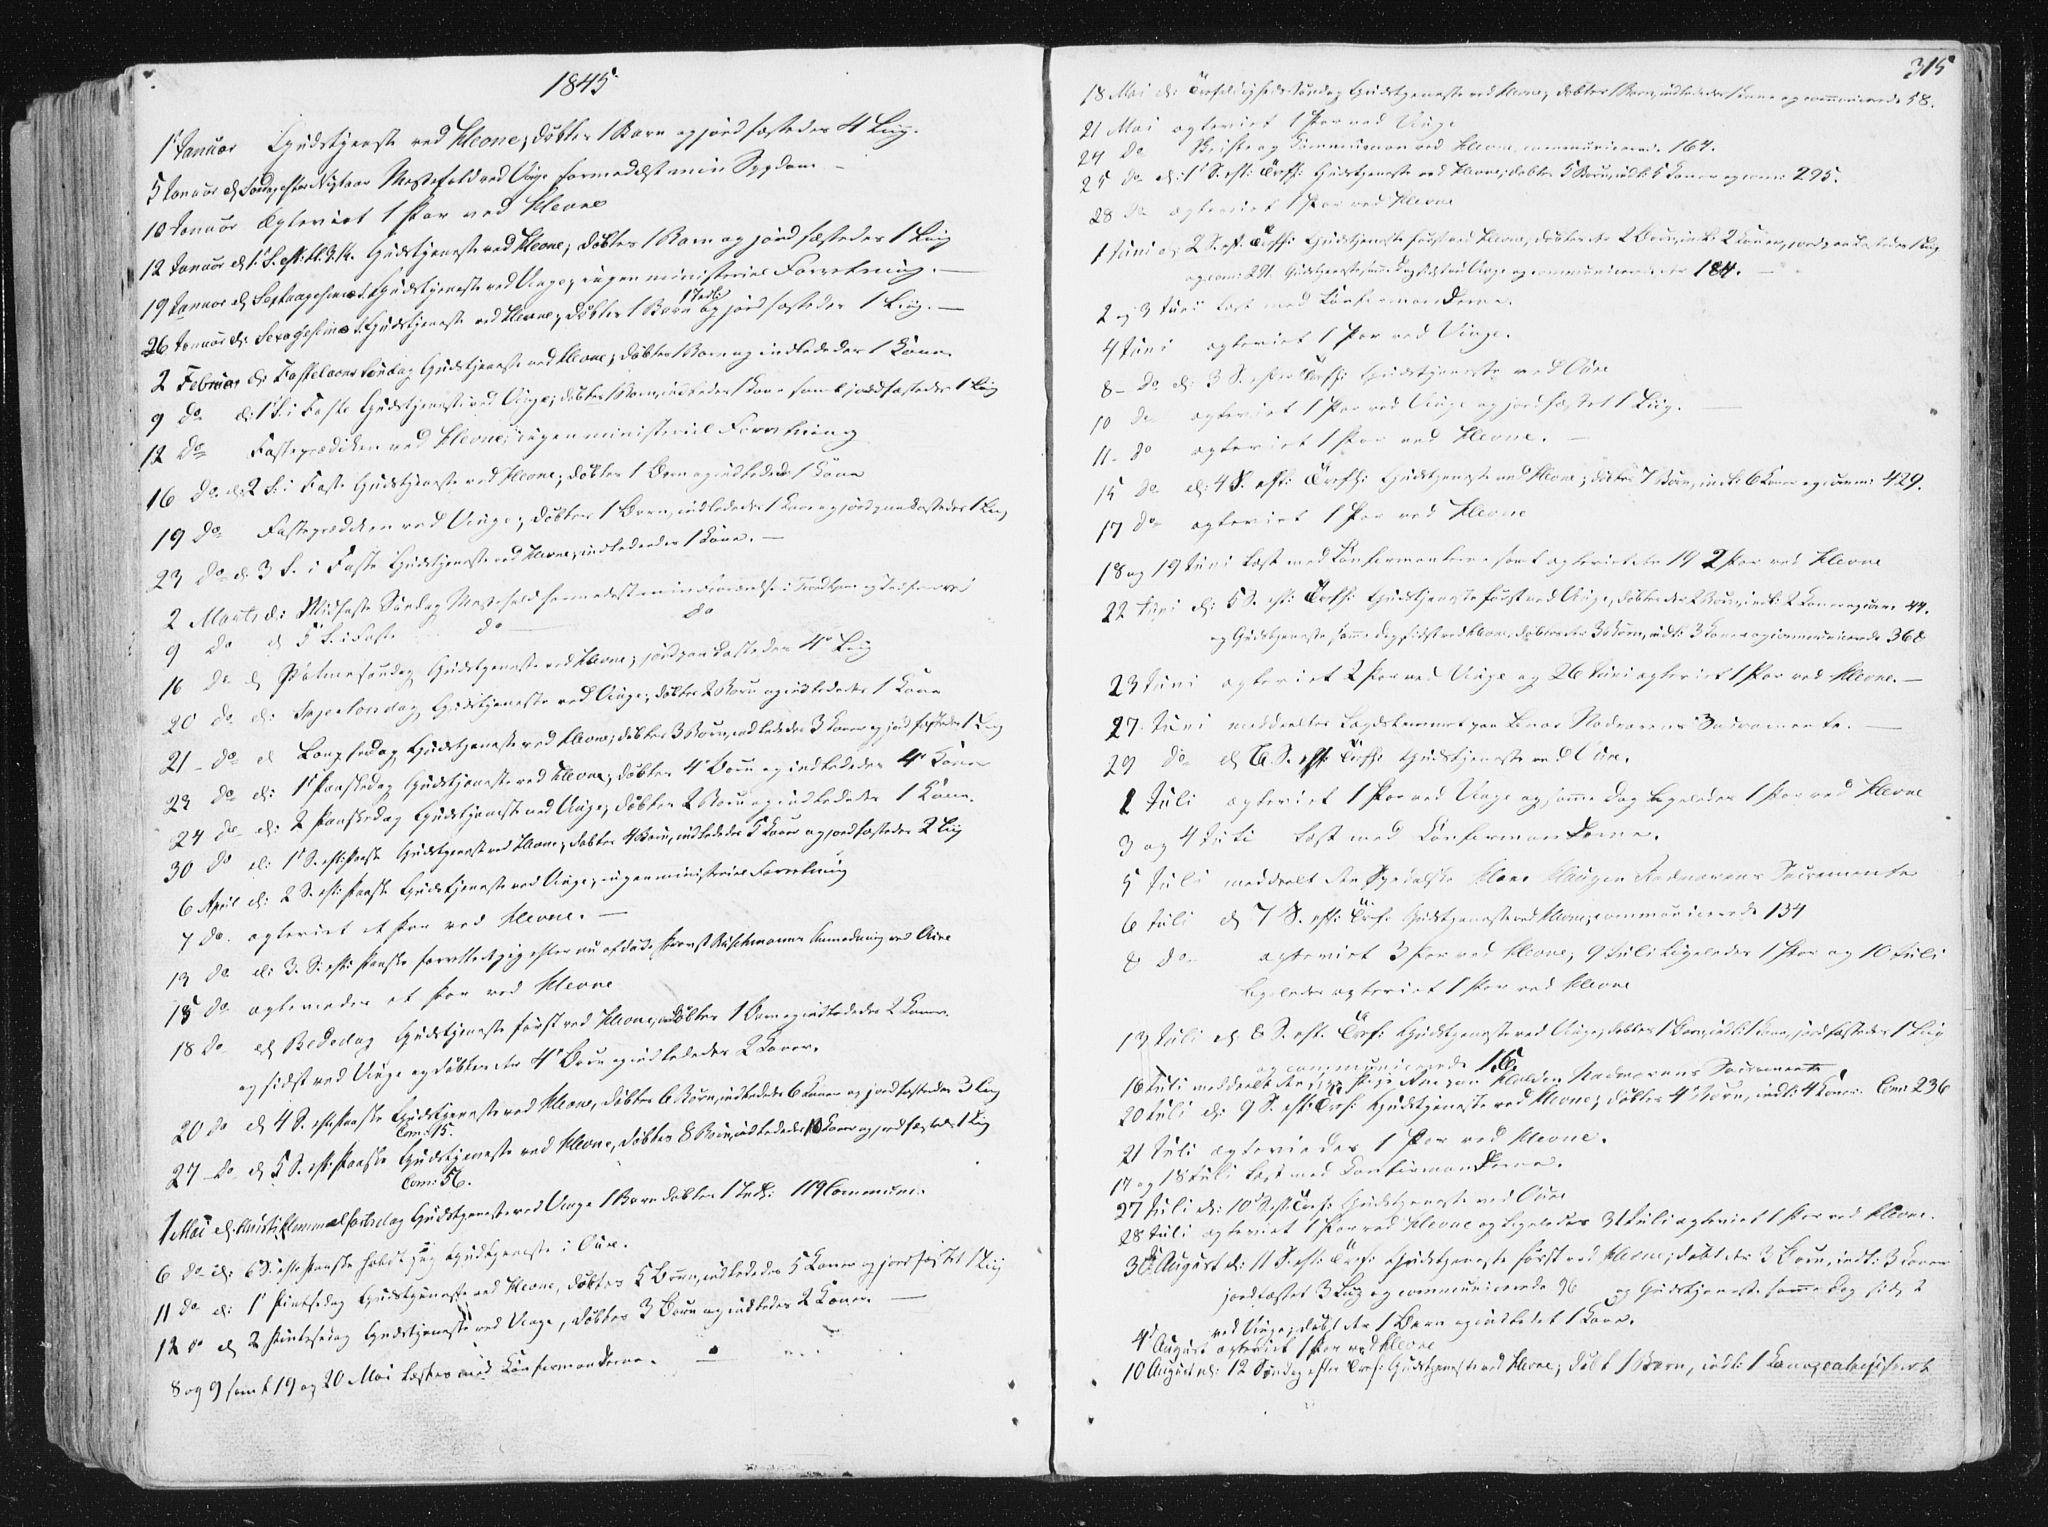 SAT, Ministerialprotokoller, klokkerbøker og fødselsregistre - Sør-Trøndelag, 630/L0493: Ministerialbok nr. 630A06, 1841-1851, s. 315